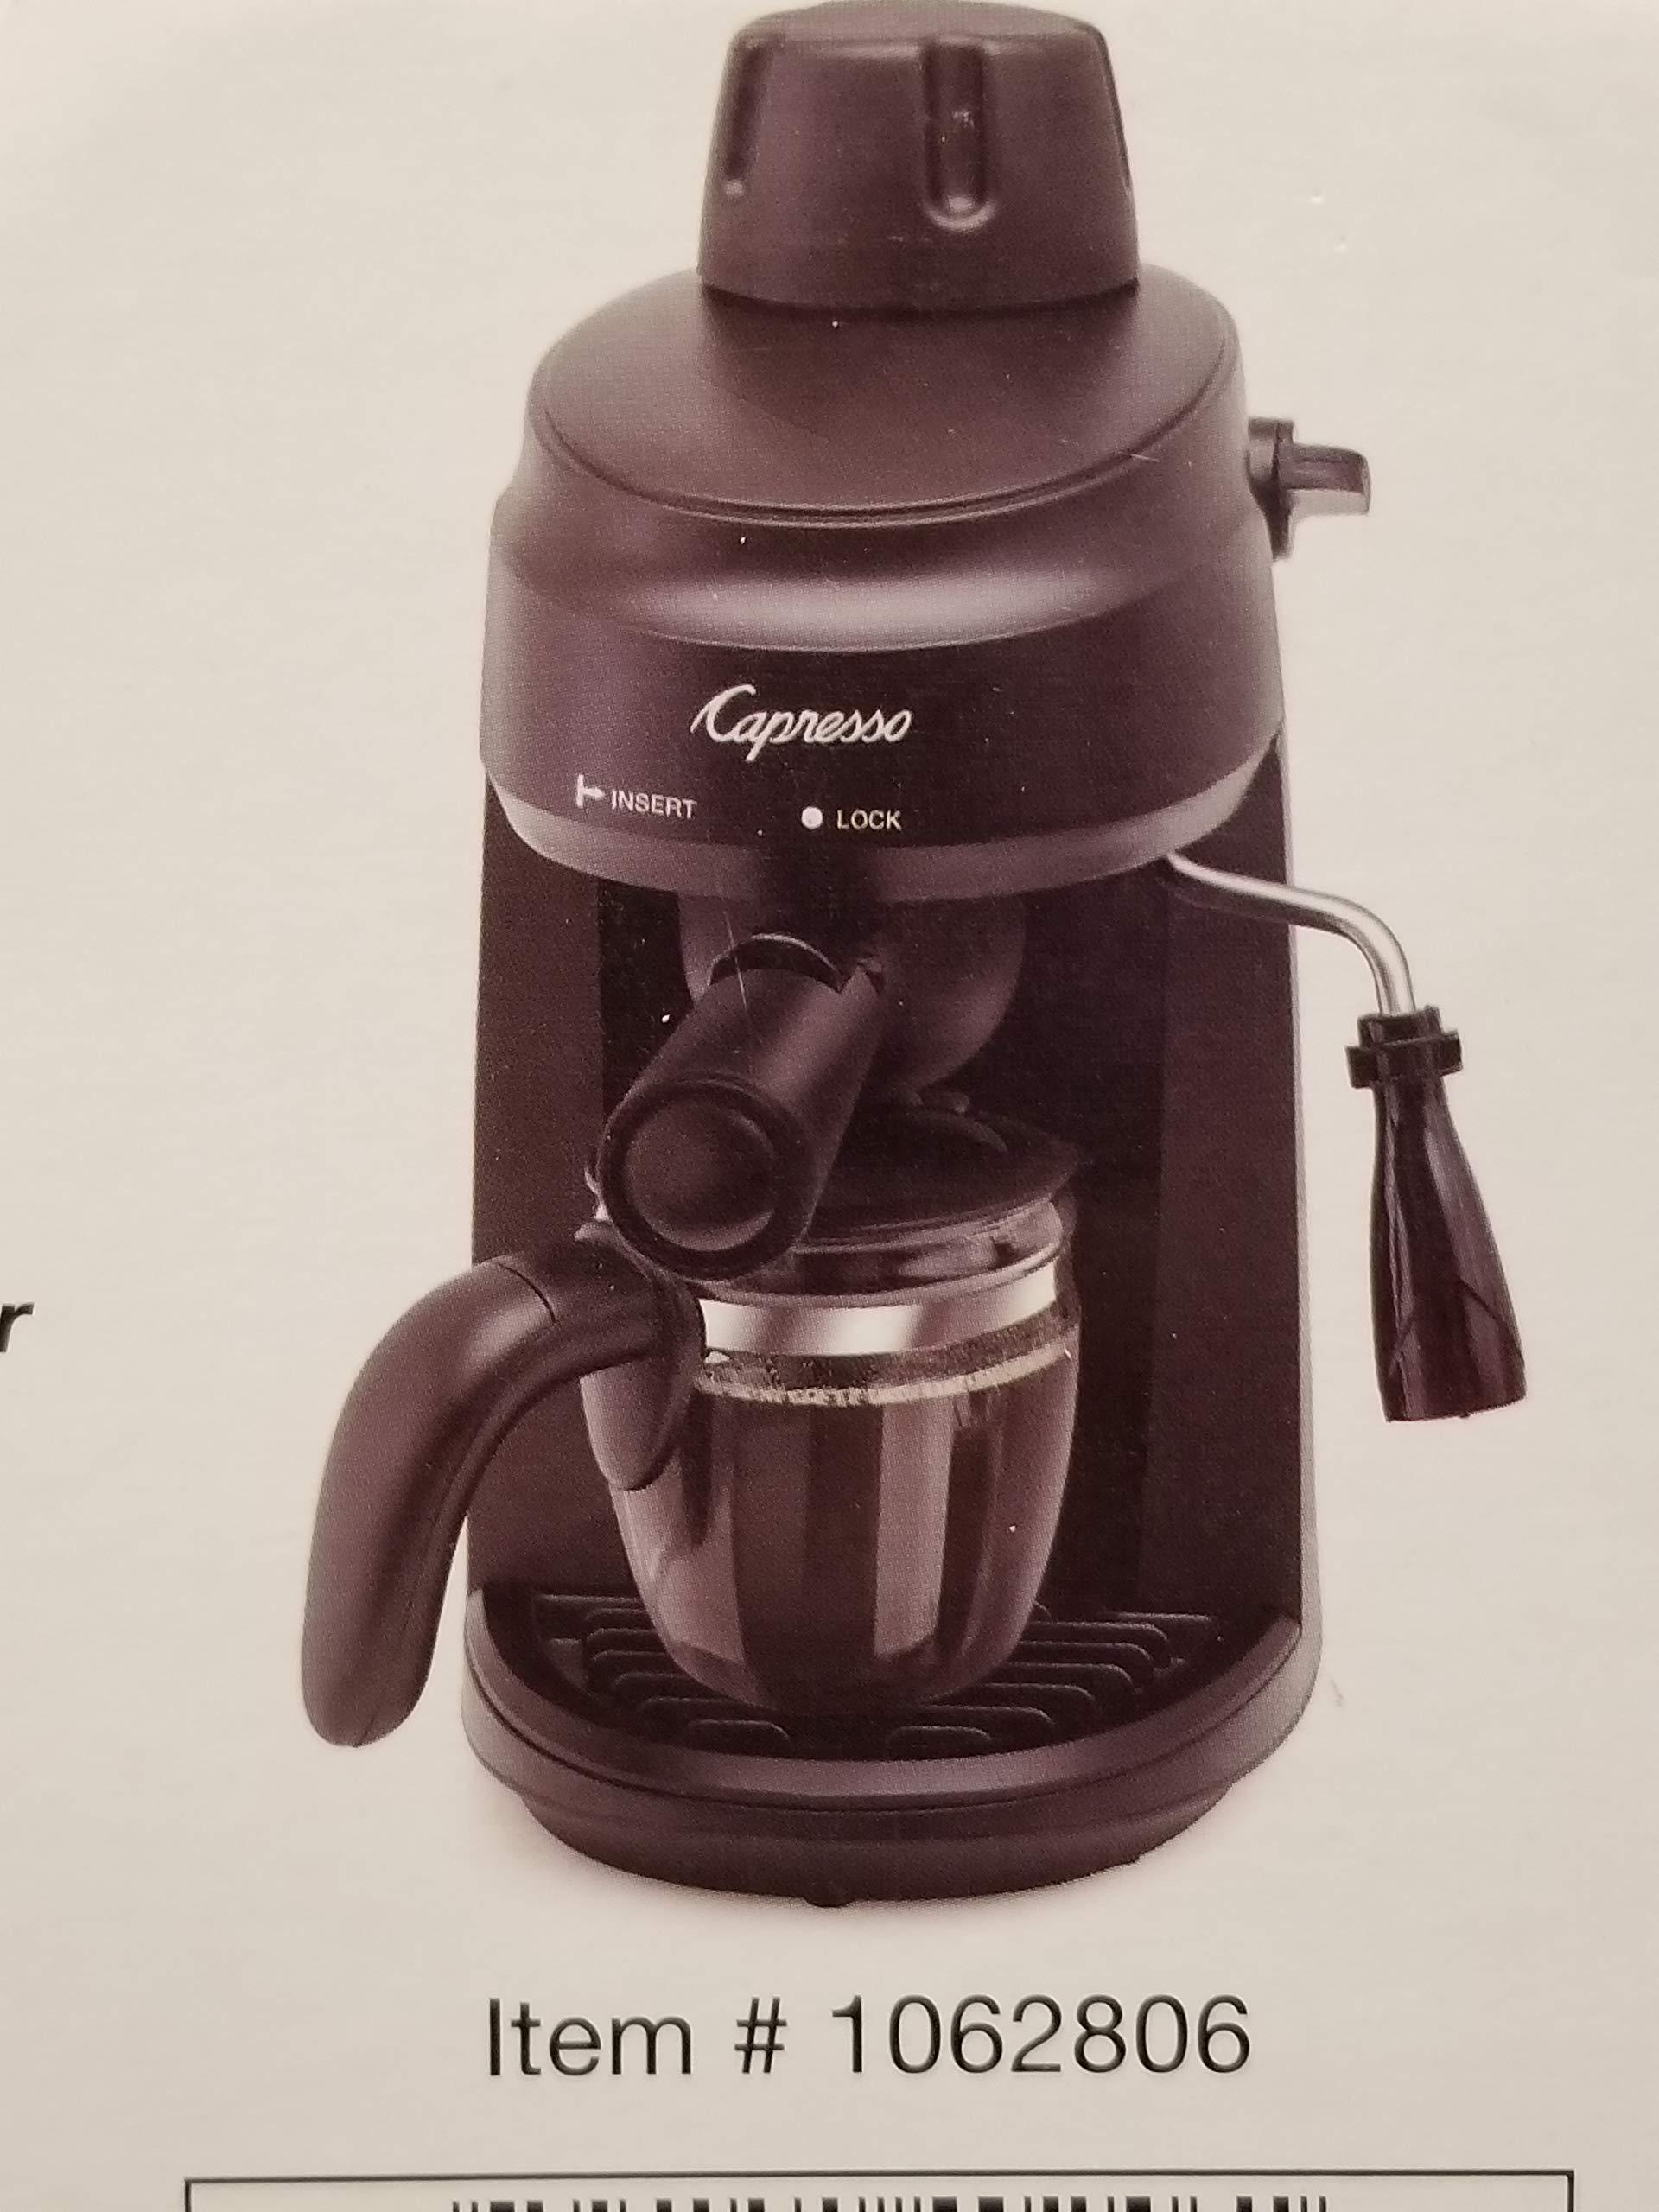 Capresso Steam Espresso & Cappuccino Machine by Steam Espresso & Cappuccino Machine (Image #3)